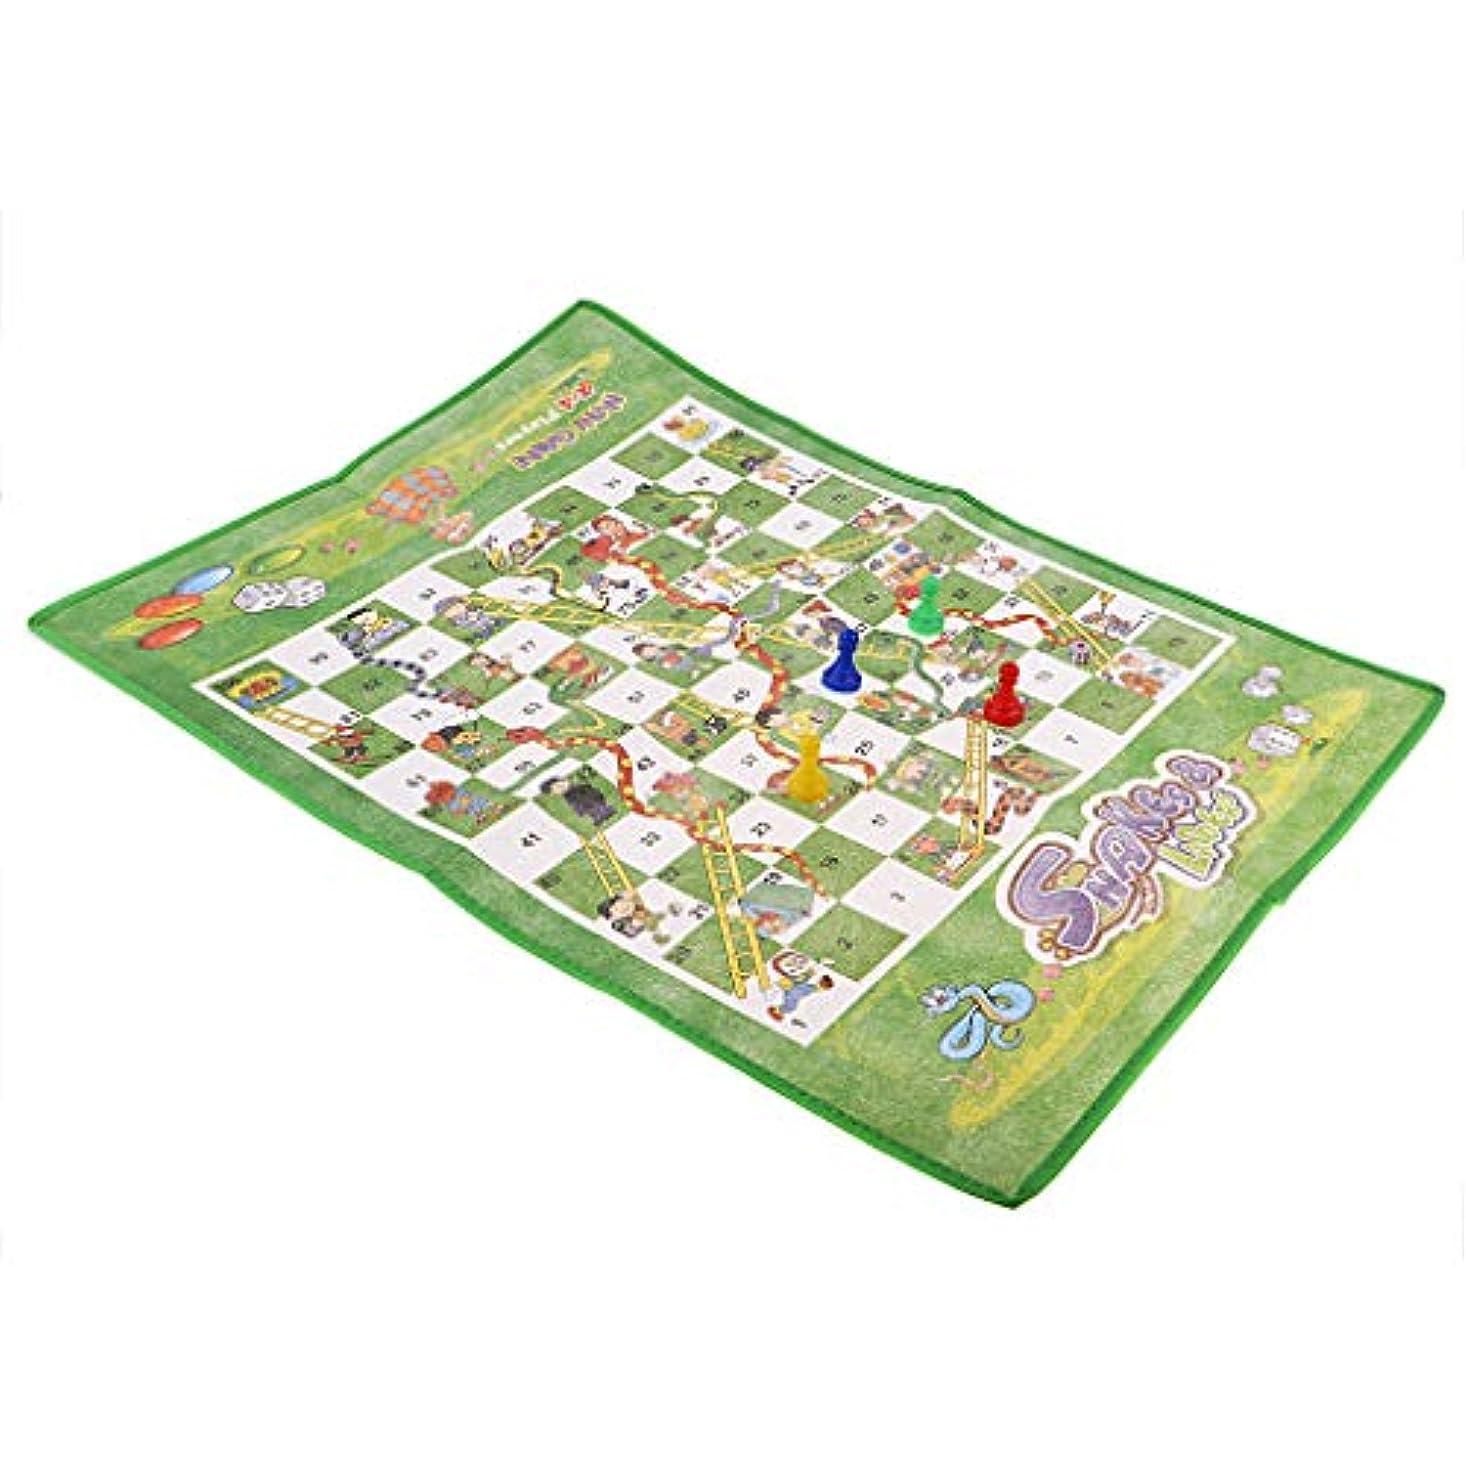 疑問を超えて時々サミュエルchiwanji 子供 おもちゃ チェス フライングルードチェス スネークとラダー ボードゲーム 教育玩具 ギフト